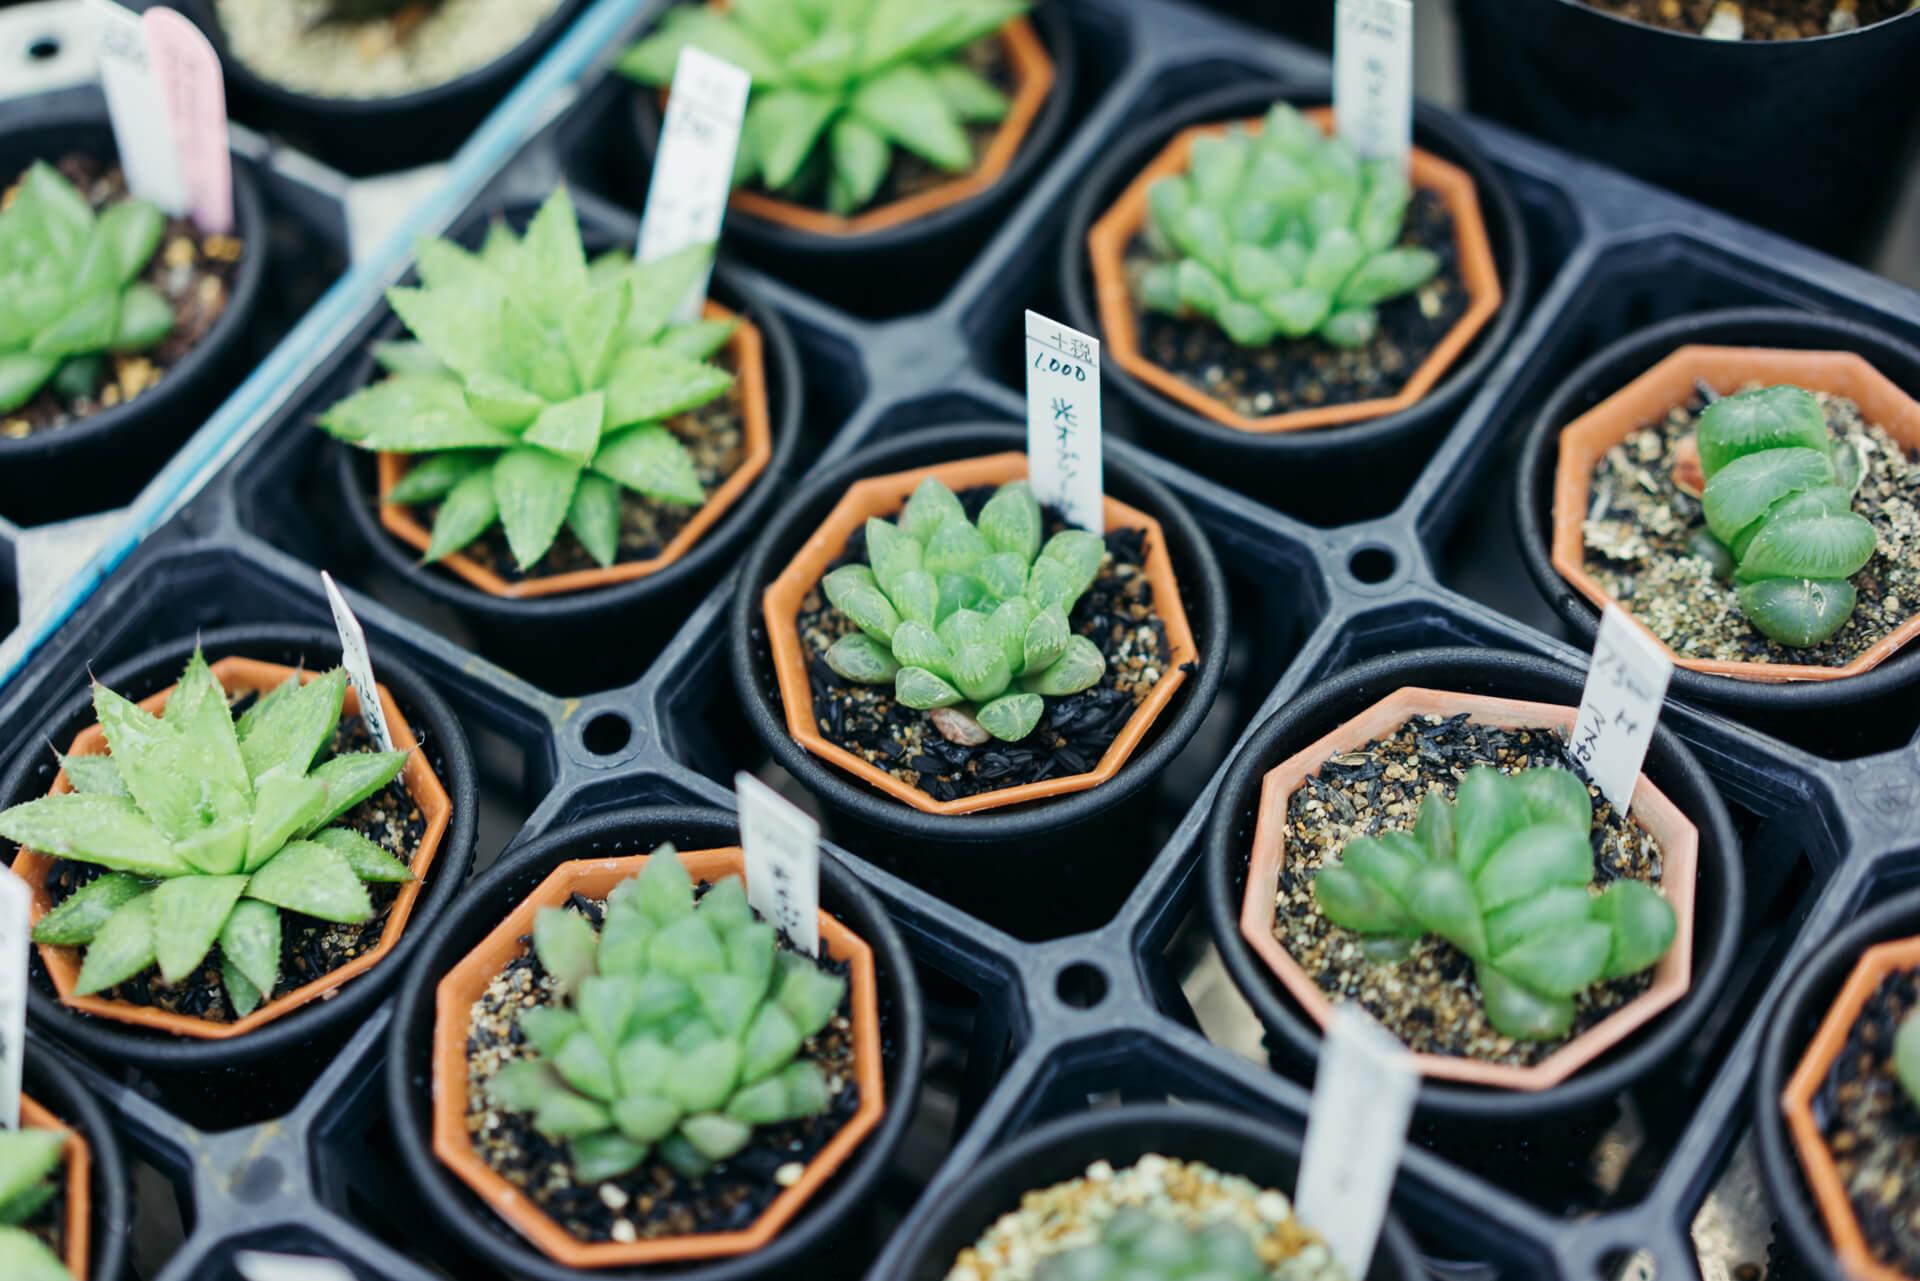 ハオルチアは、光にかざすと葉に透明感のある種類。